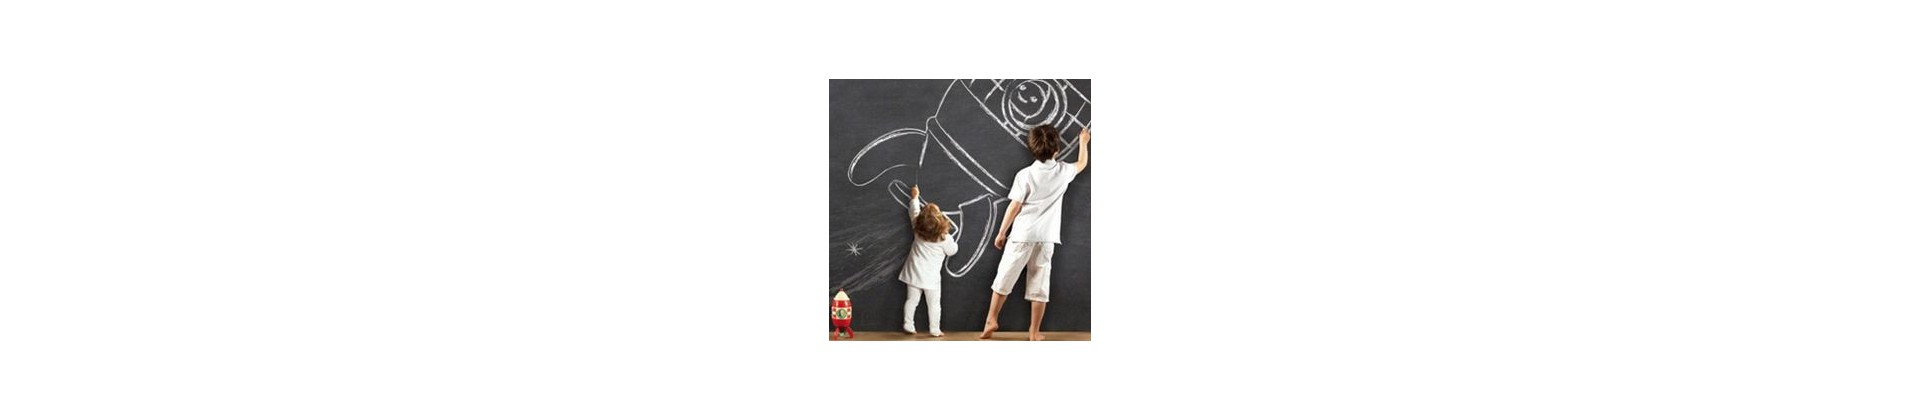 Soldes jouets - offres promotionnelles - Achat/Vente